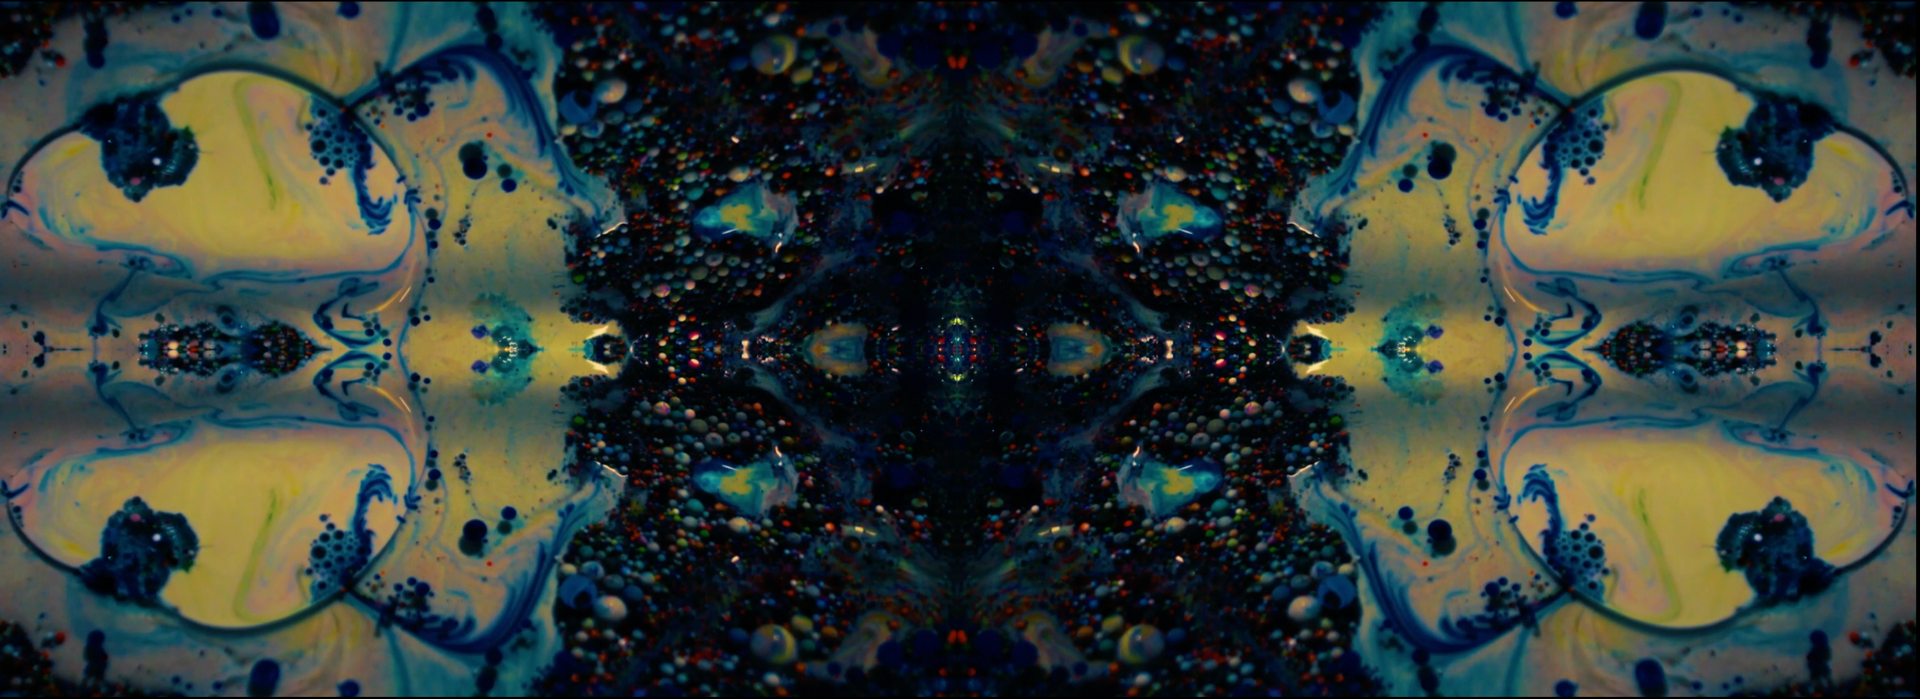 Screen Shot 2020-03-09 at 5.41.16 PM.png